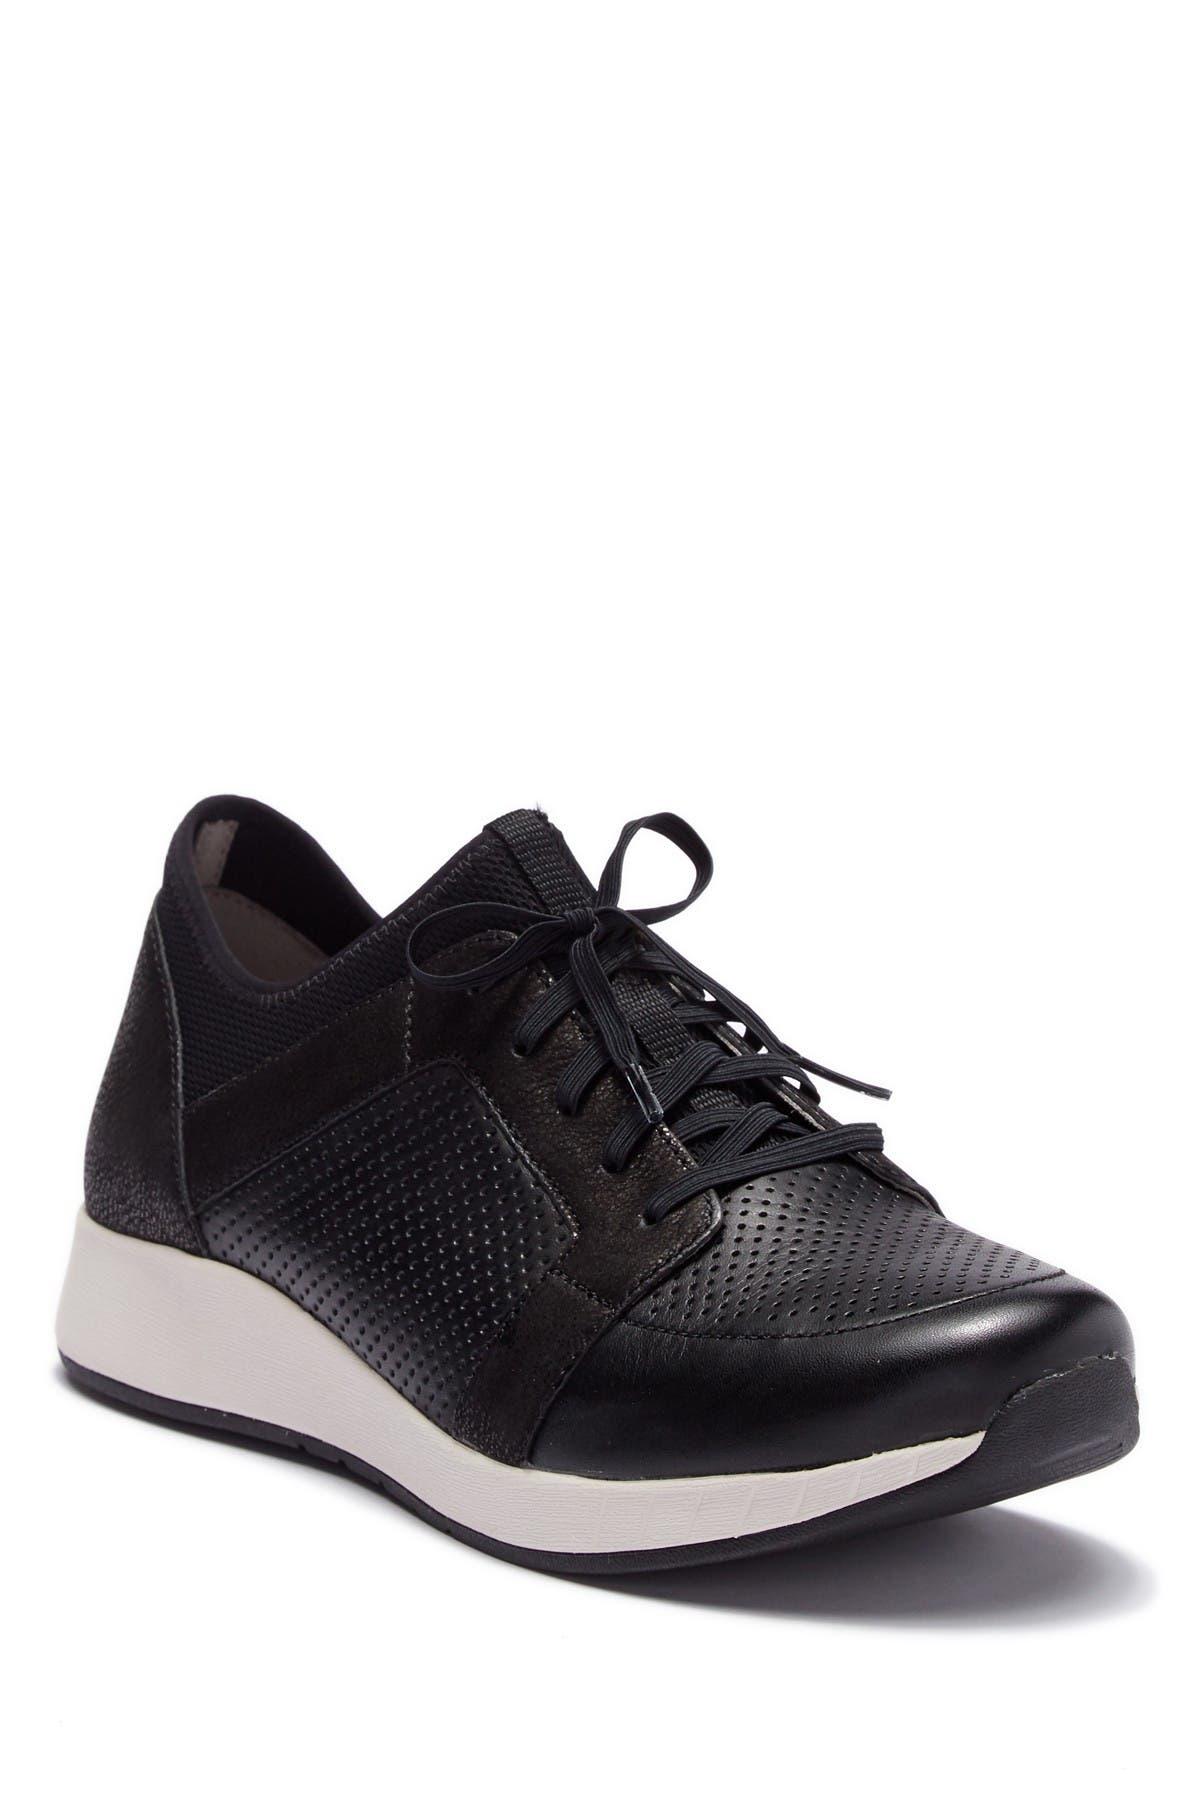 Dansko | Cozette Leather Sneaker